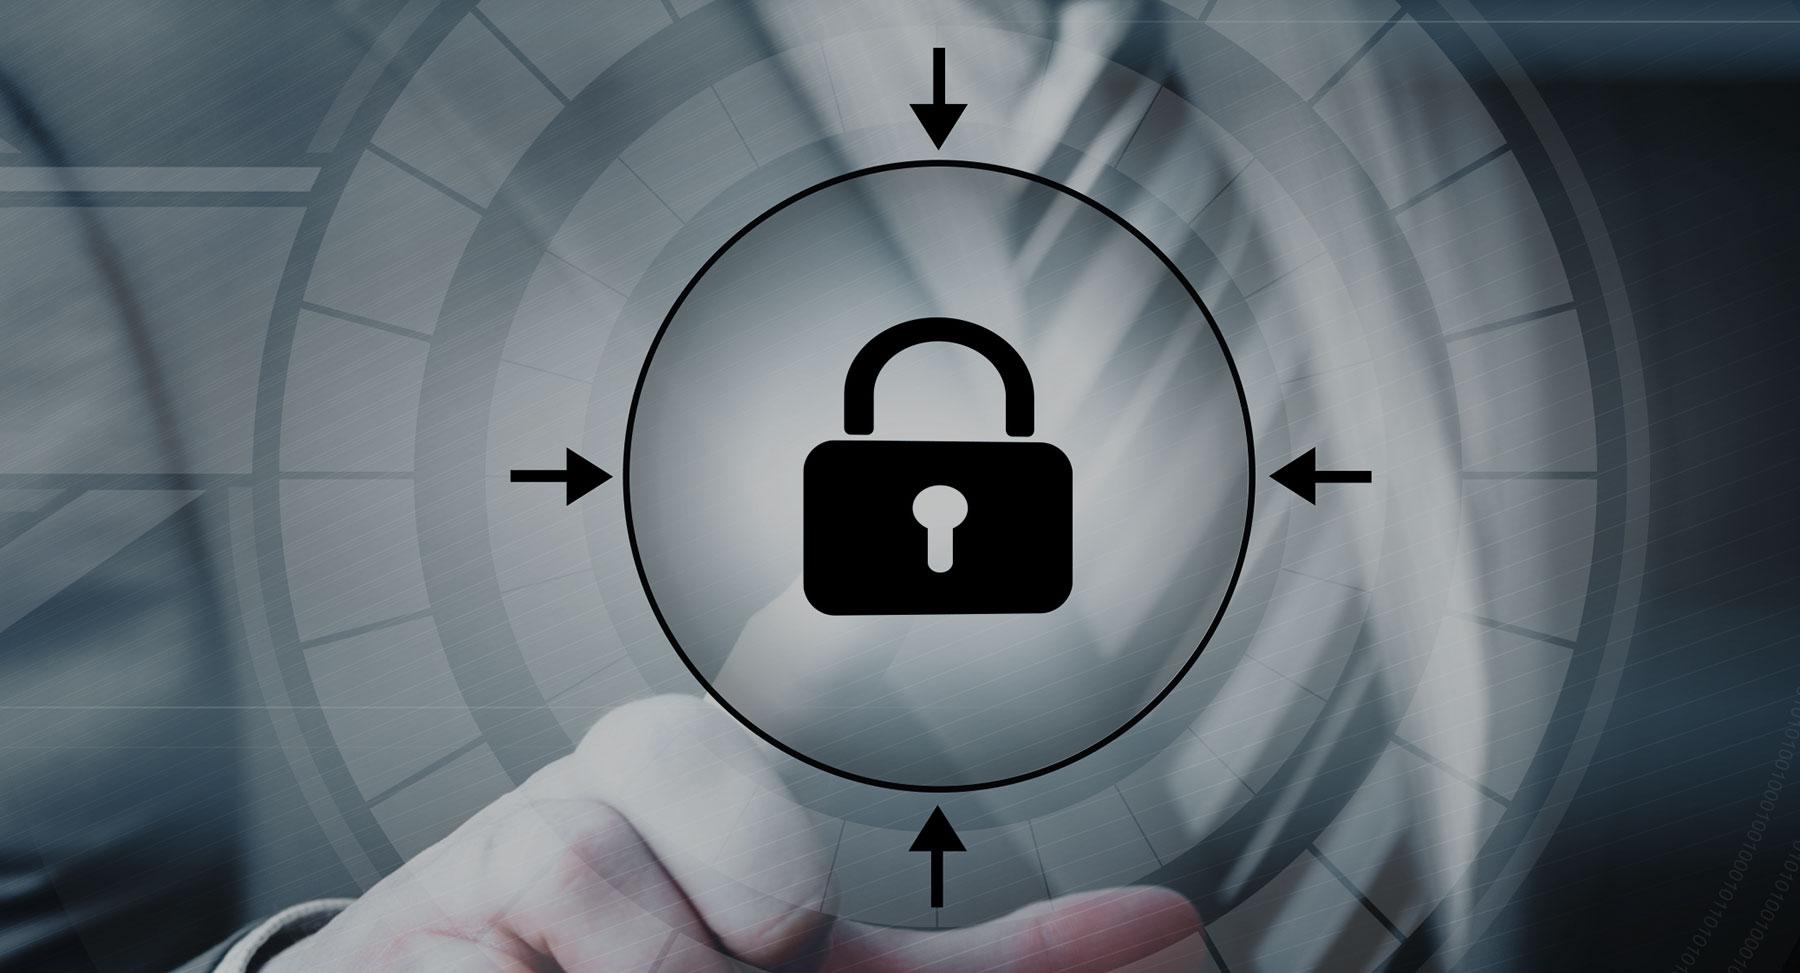 managed-security-starport-v3